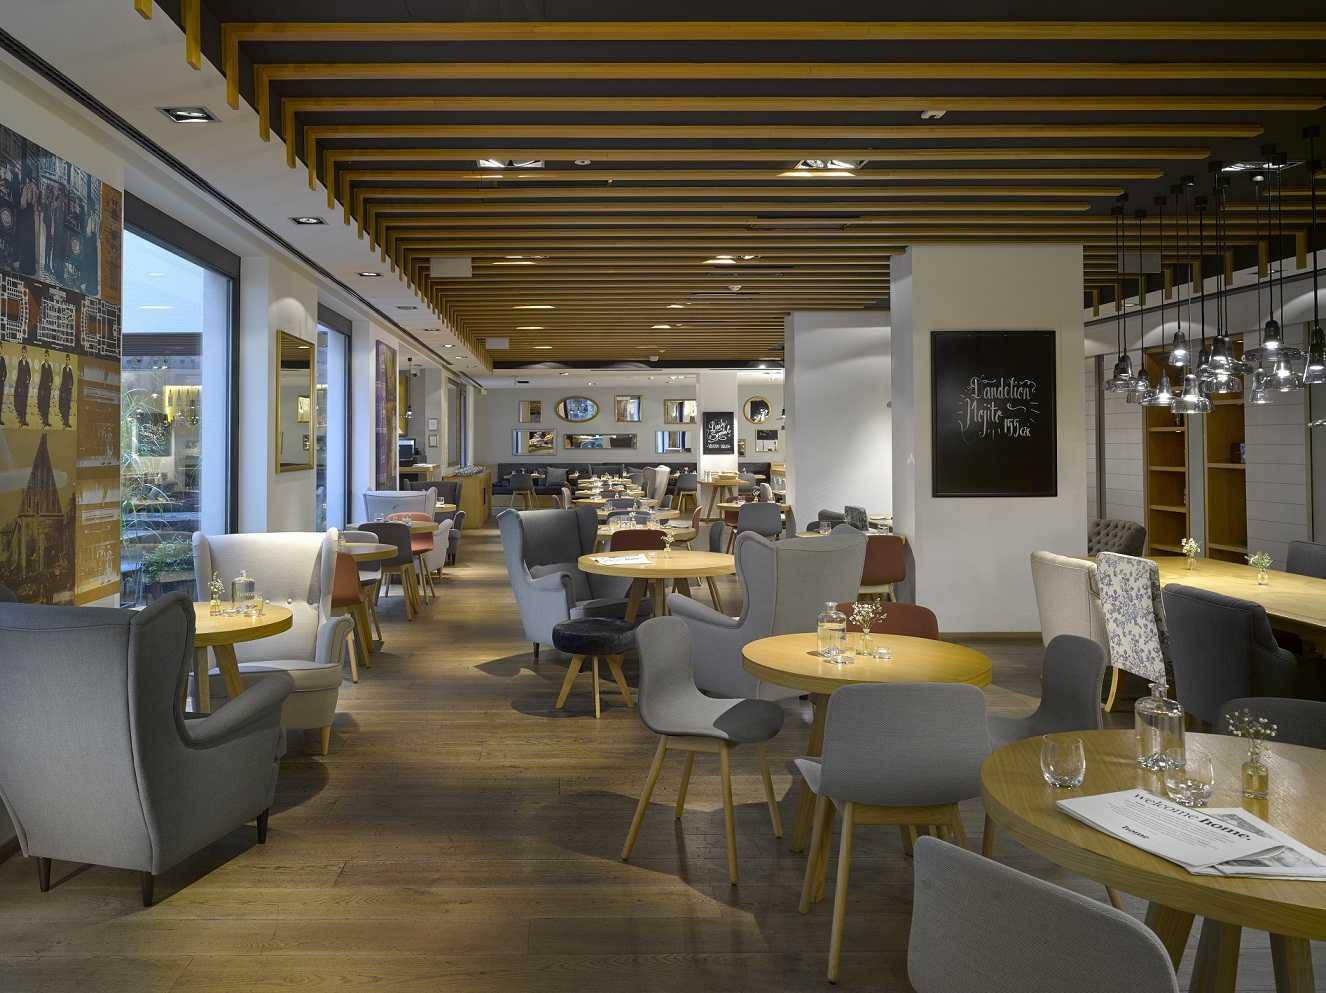 innside-prague-old-town_restaurant-bar-home-1